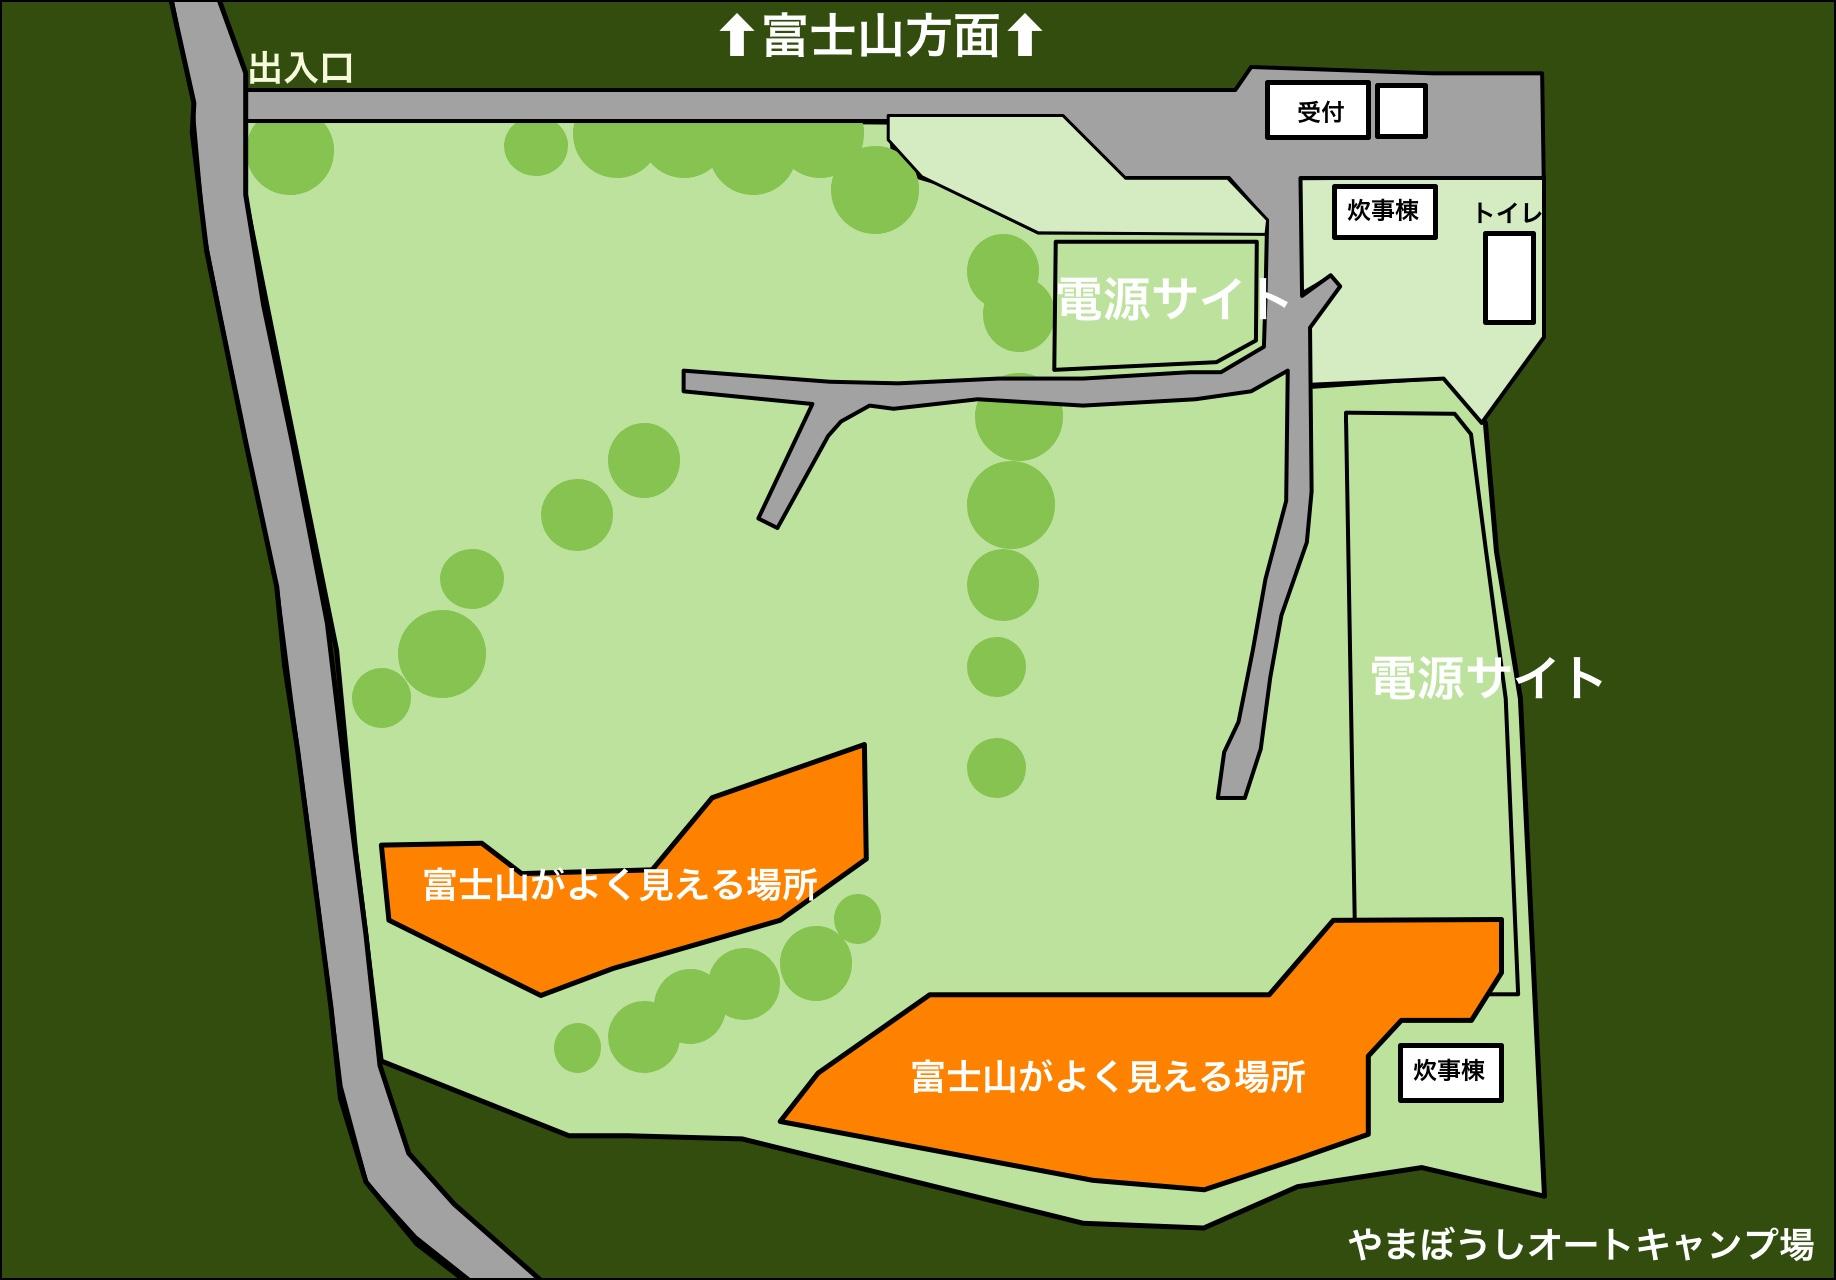 やまぼうしオートキャンプ場 地図